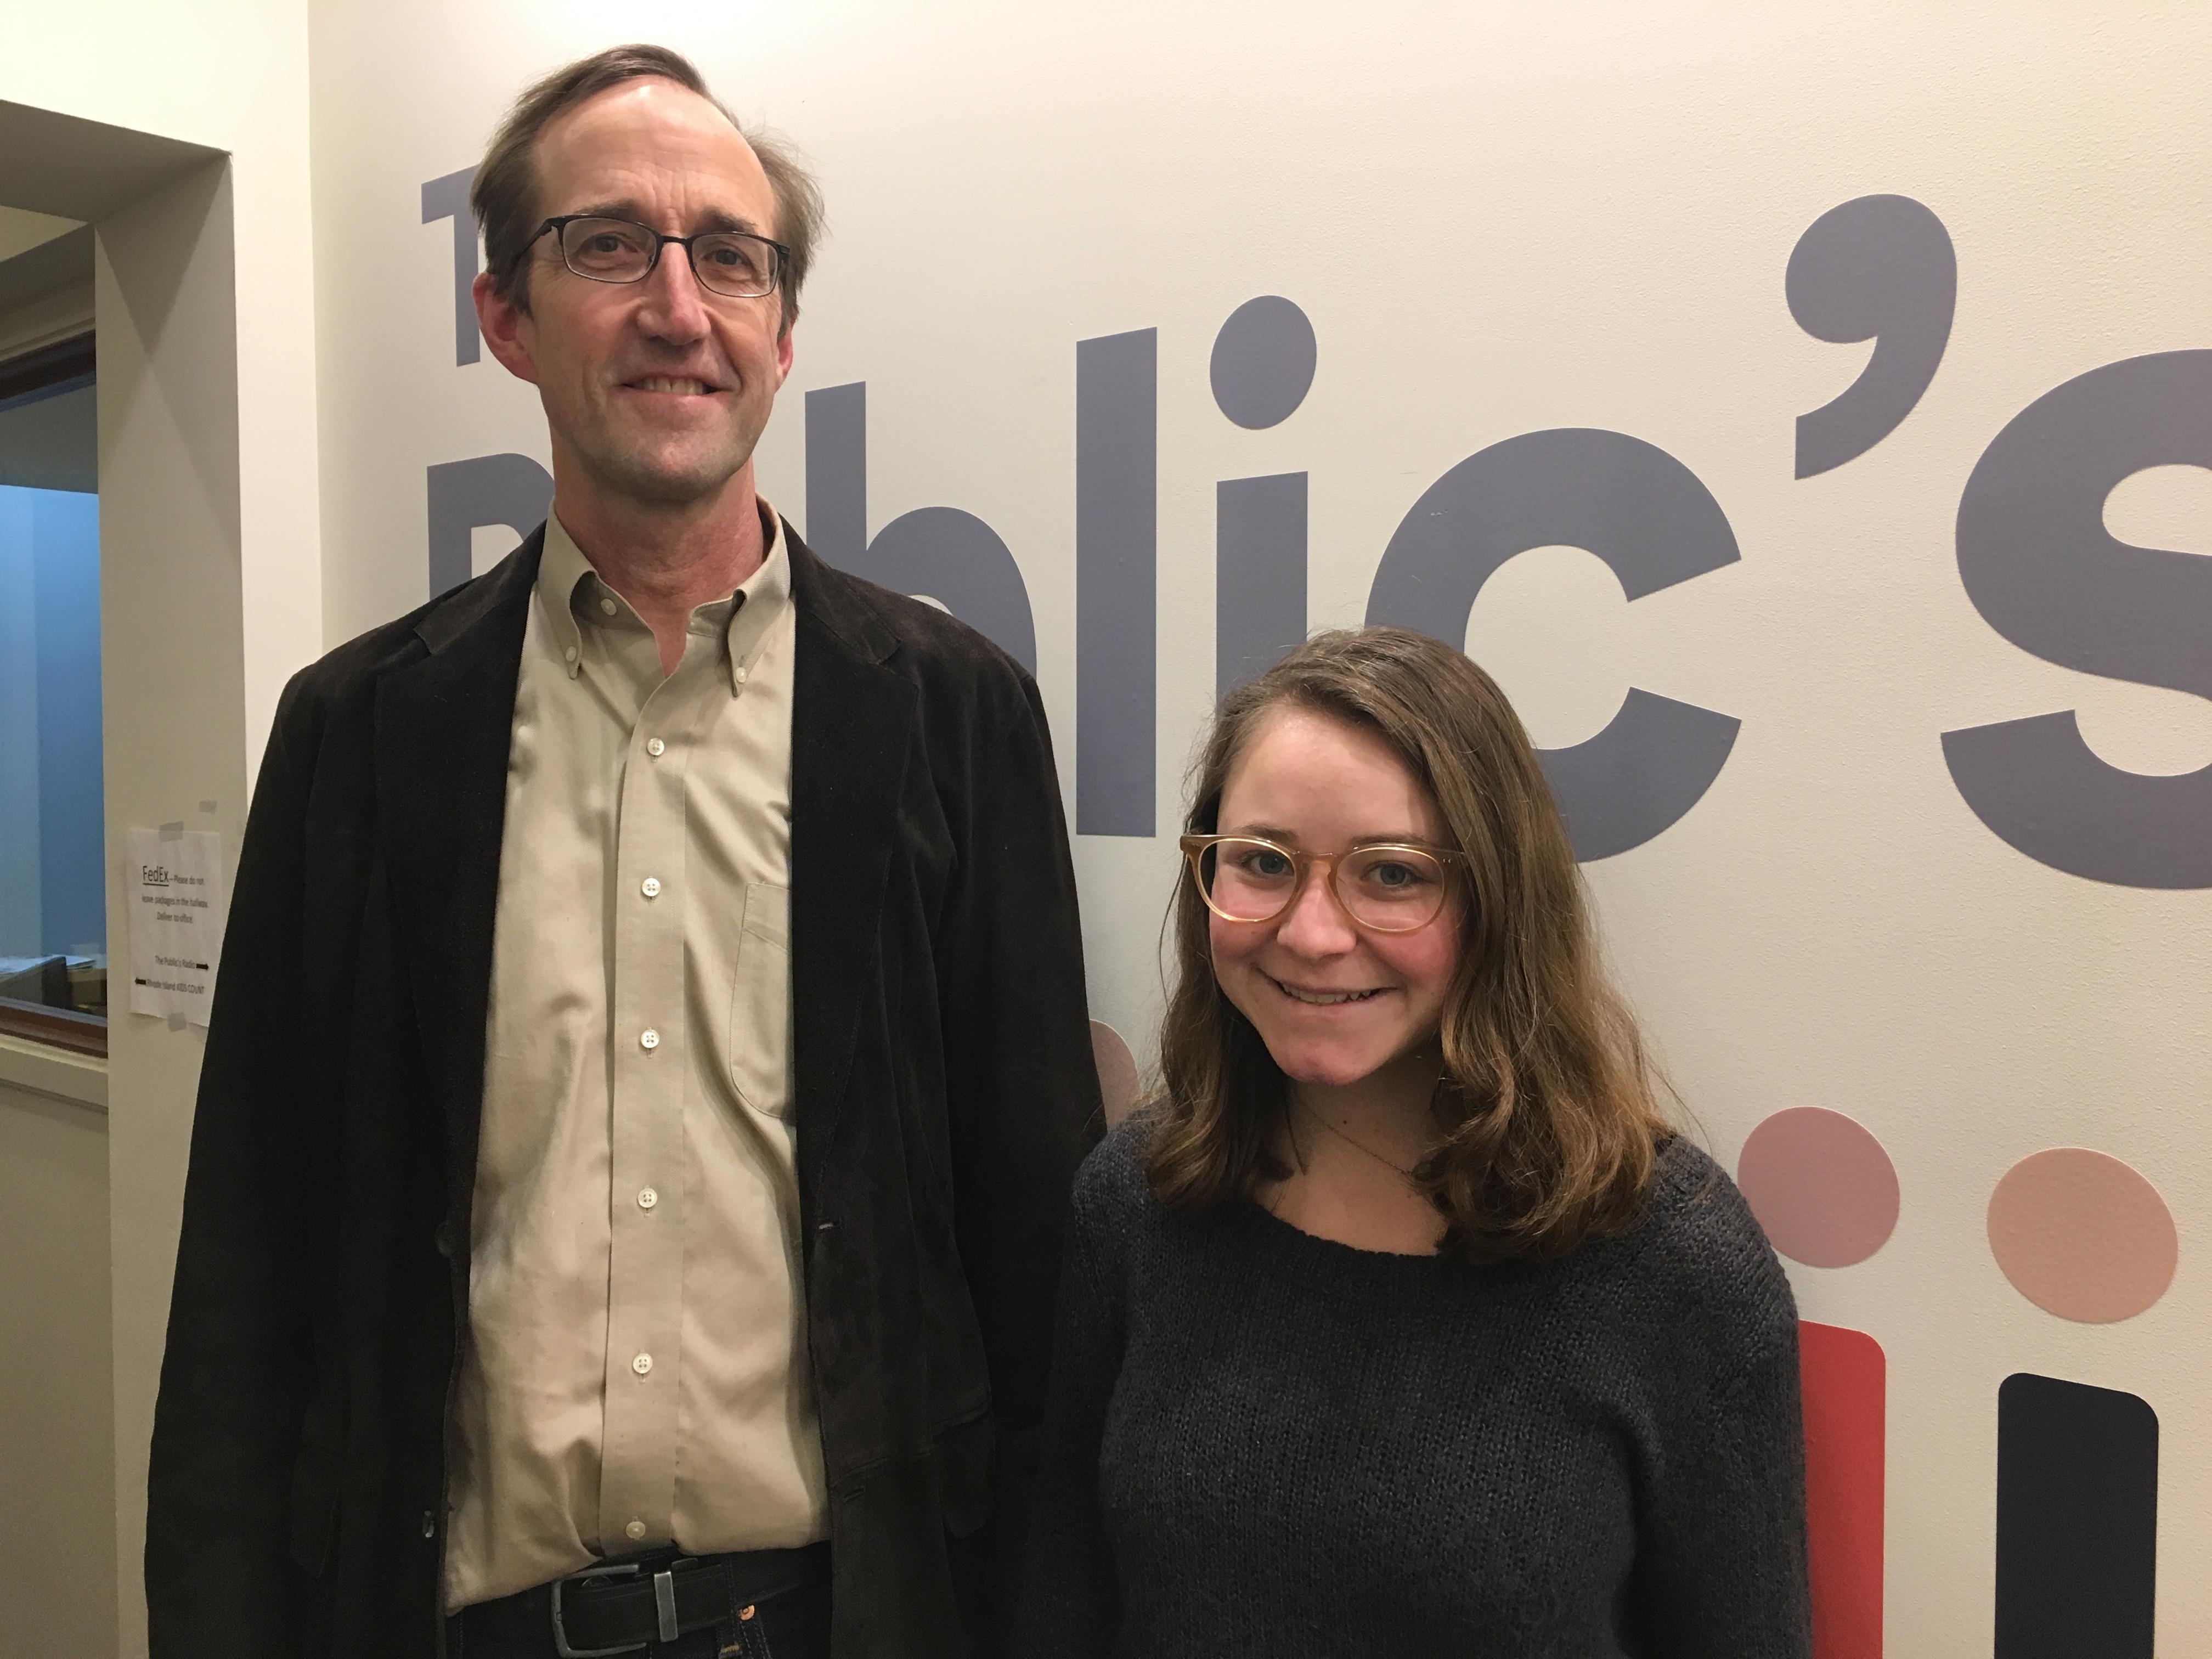 Timmons Roberts and Lauren Maunus